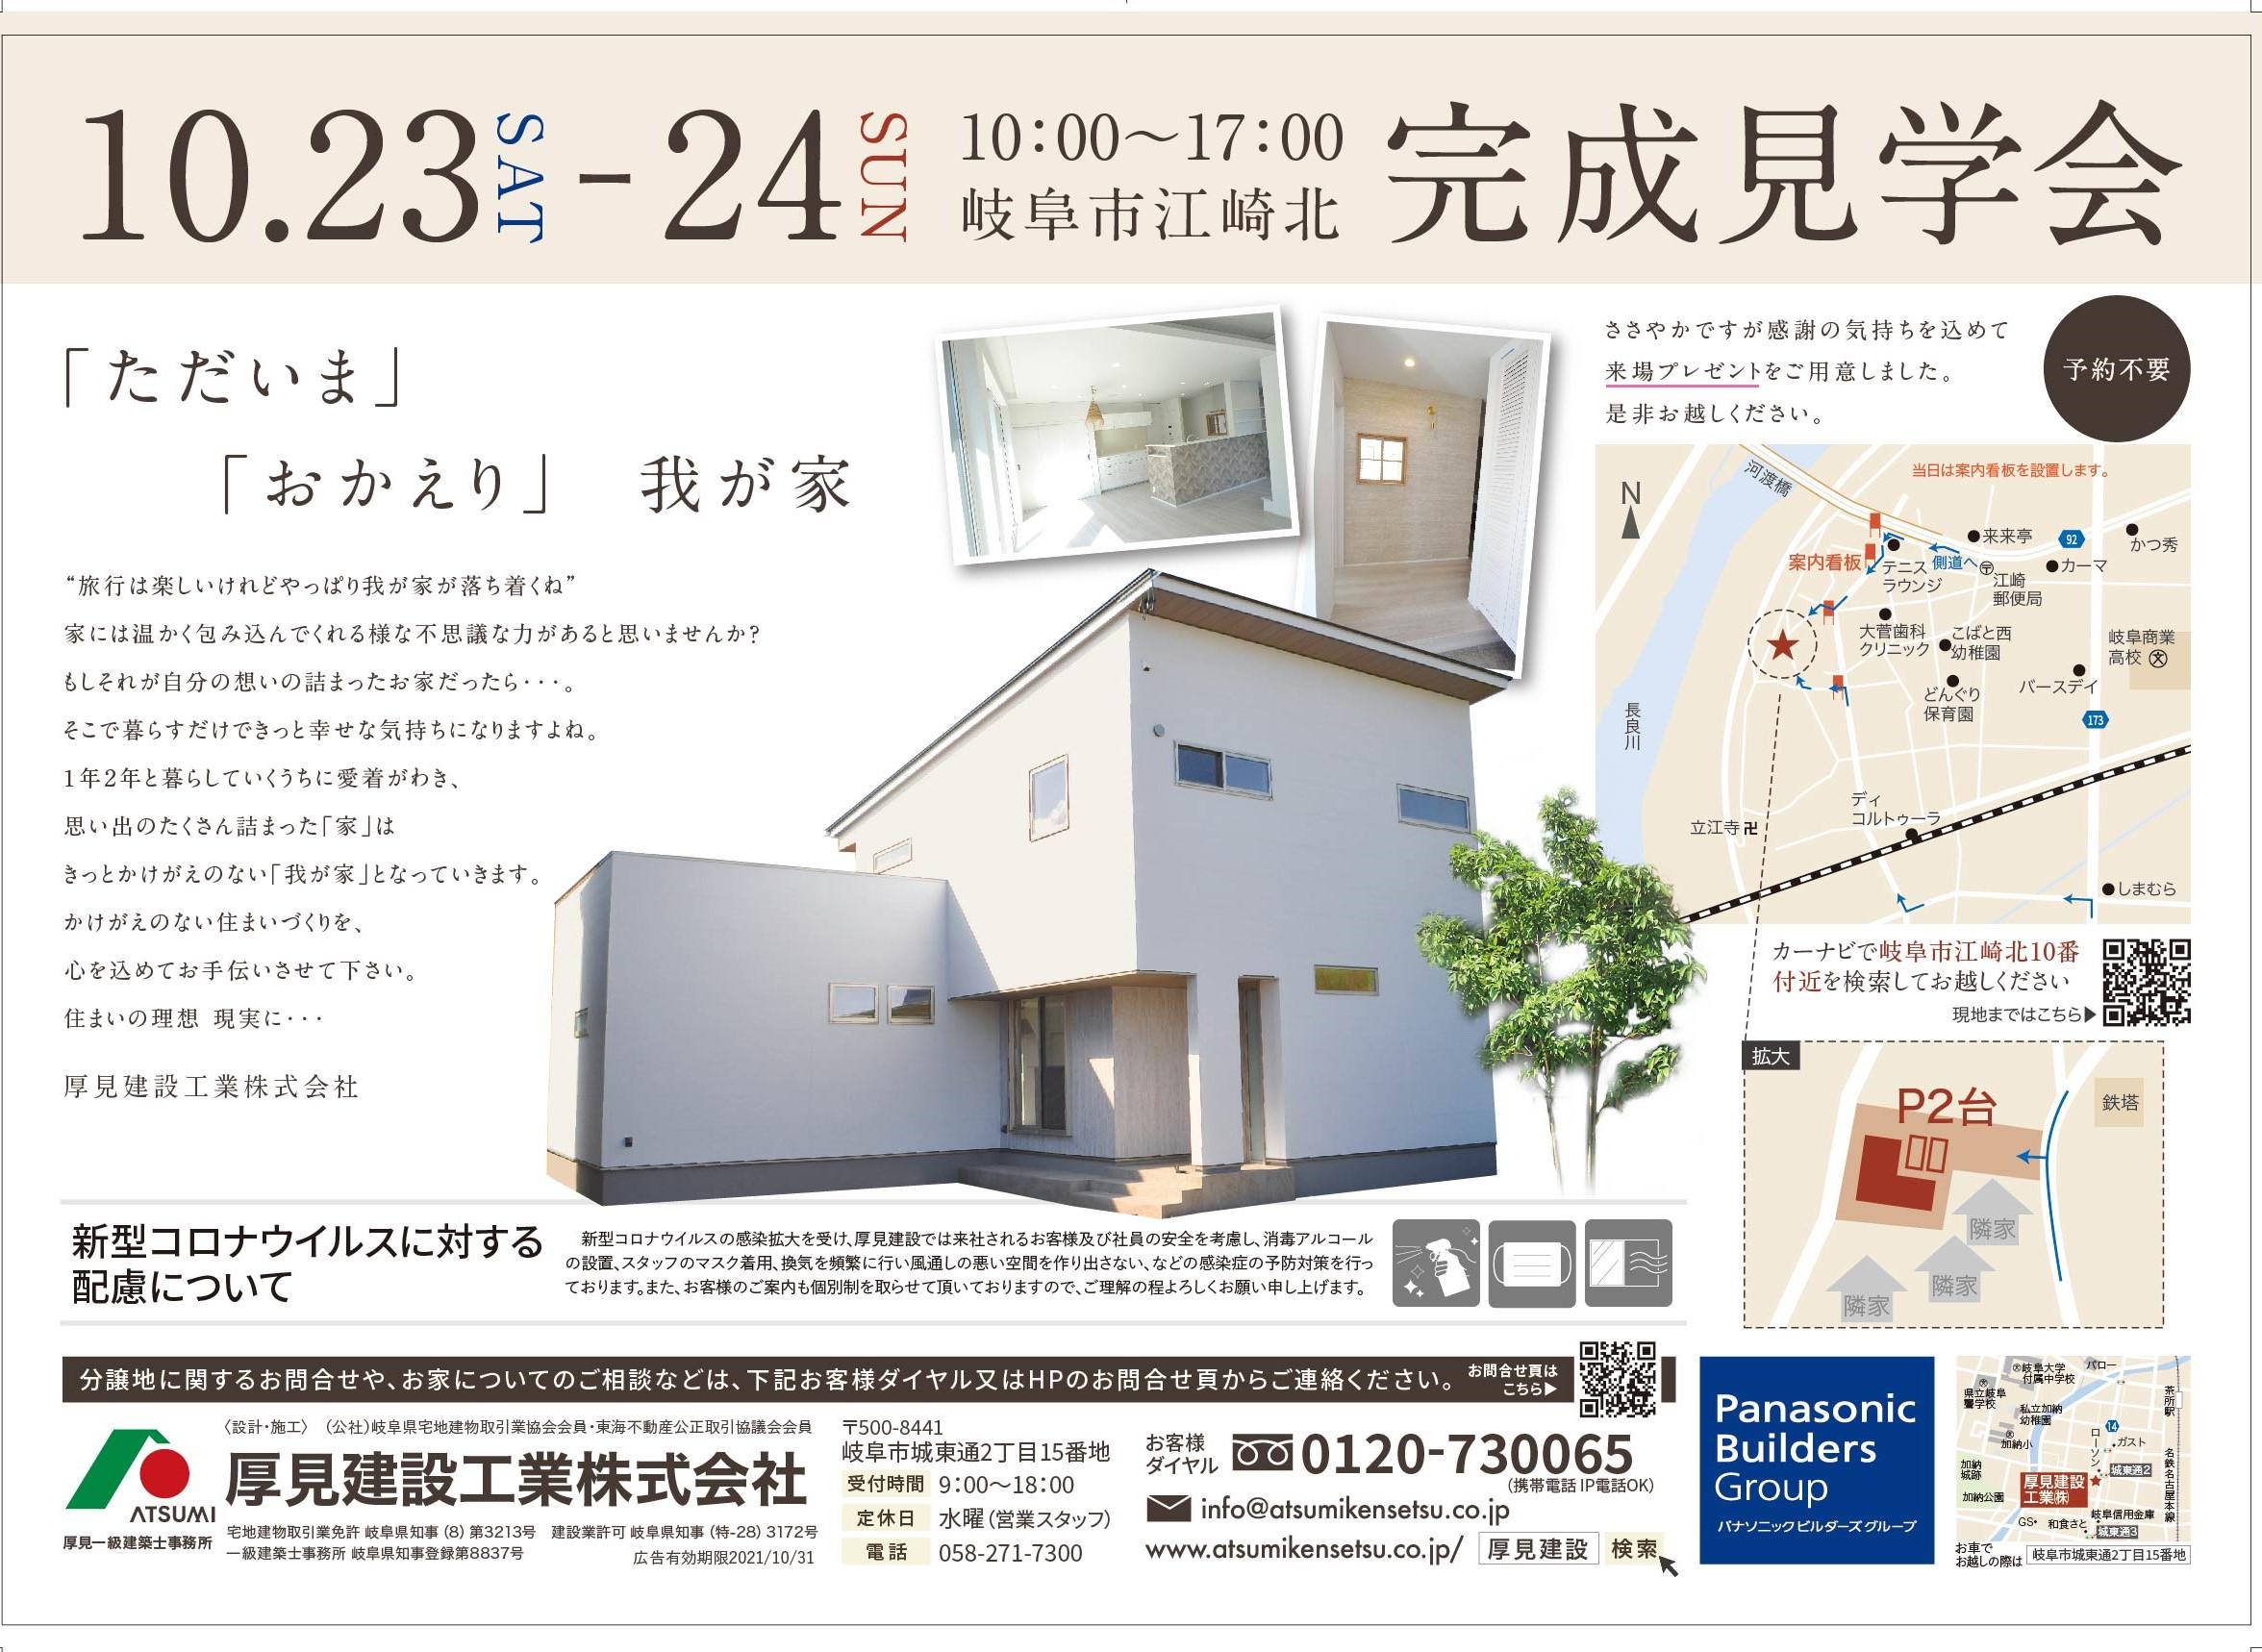 10月23日24日の完成見学会のお知らせ!